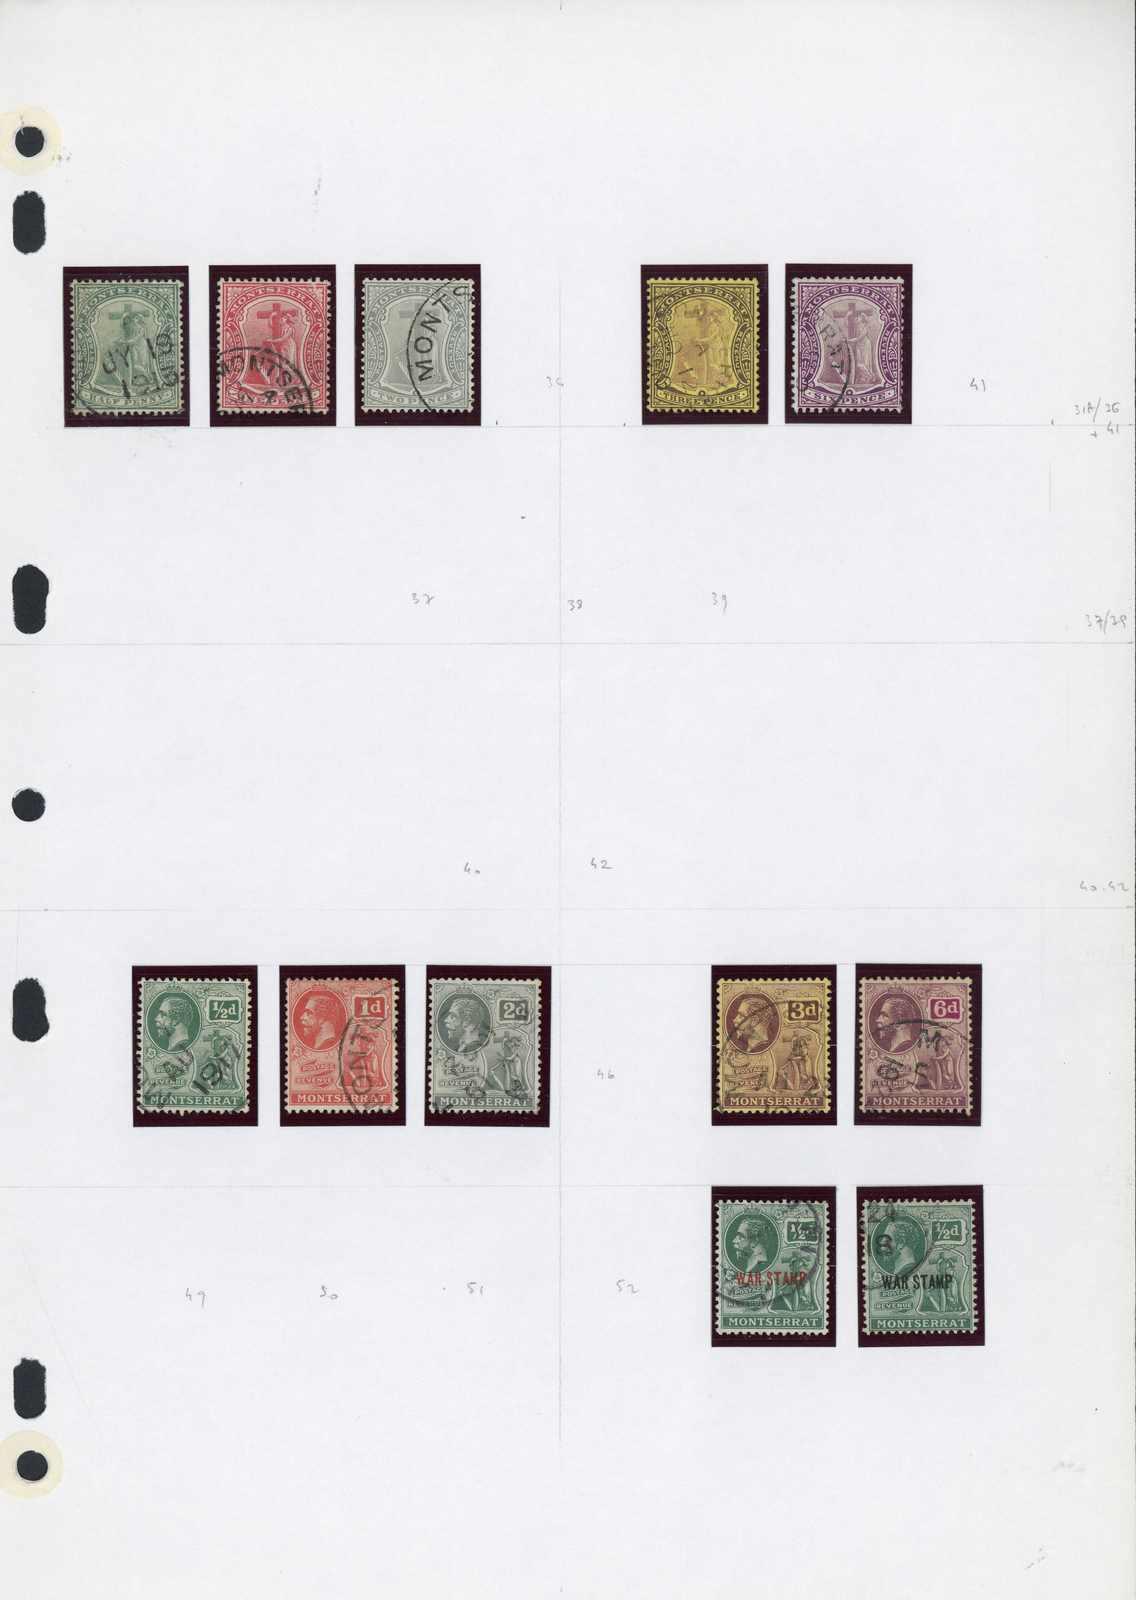 Lot 2943 - COLLECTIONS & ACCUMULATIONS montserrat -  Auktionshaus Schlegel 26 Public Auction